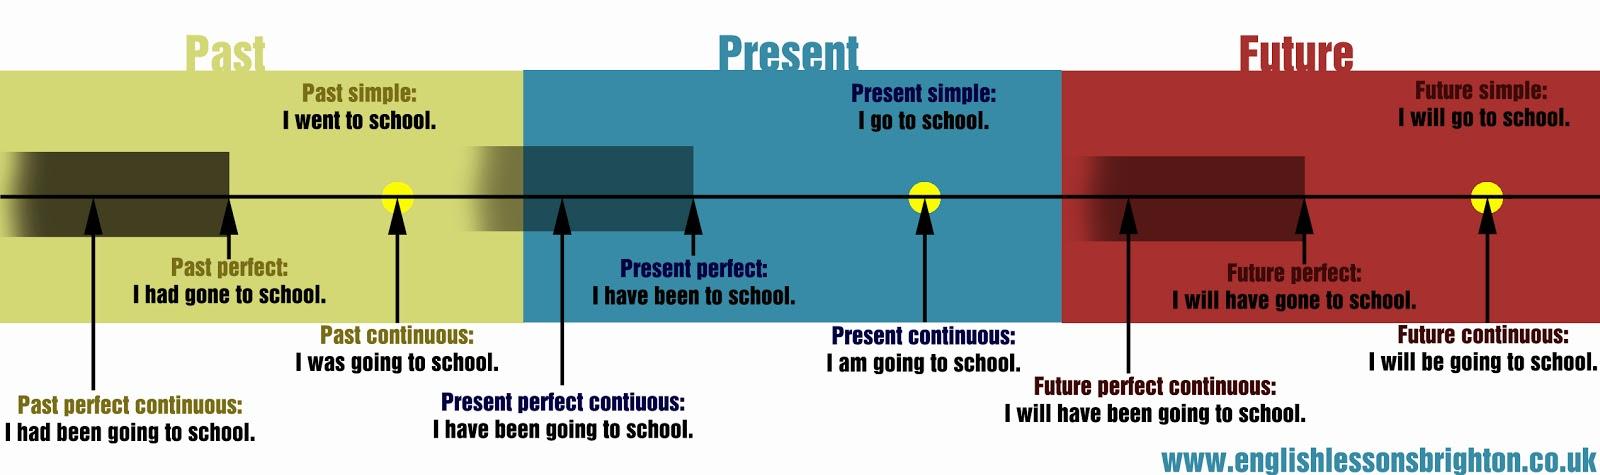 merupakan sebuah bentuk dari kata kerja yang khusus digunakan untuk menyatakan atau mengu Pengertian, Rumus, dan Contoh Kalimat Simple Future Tense